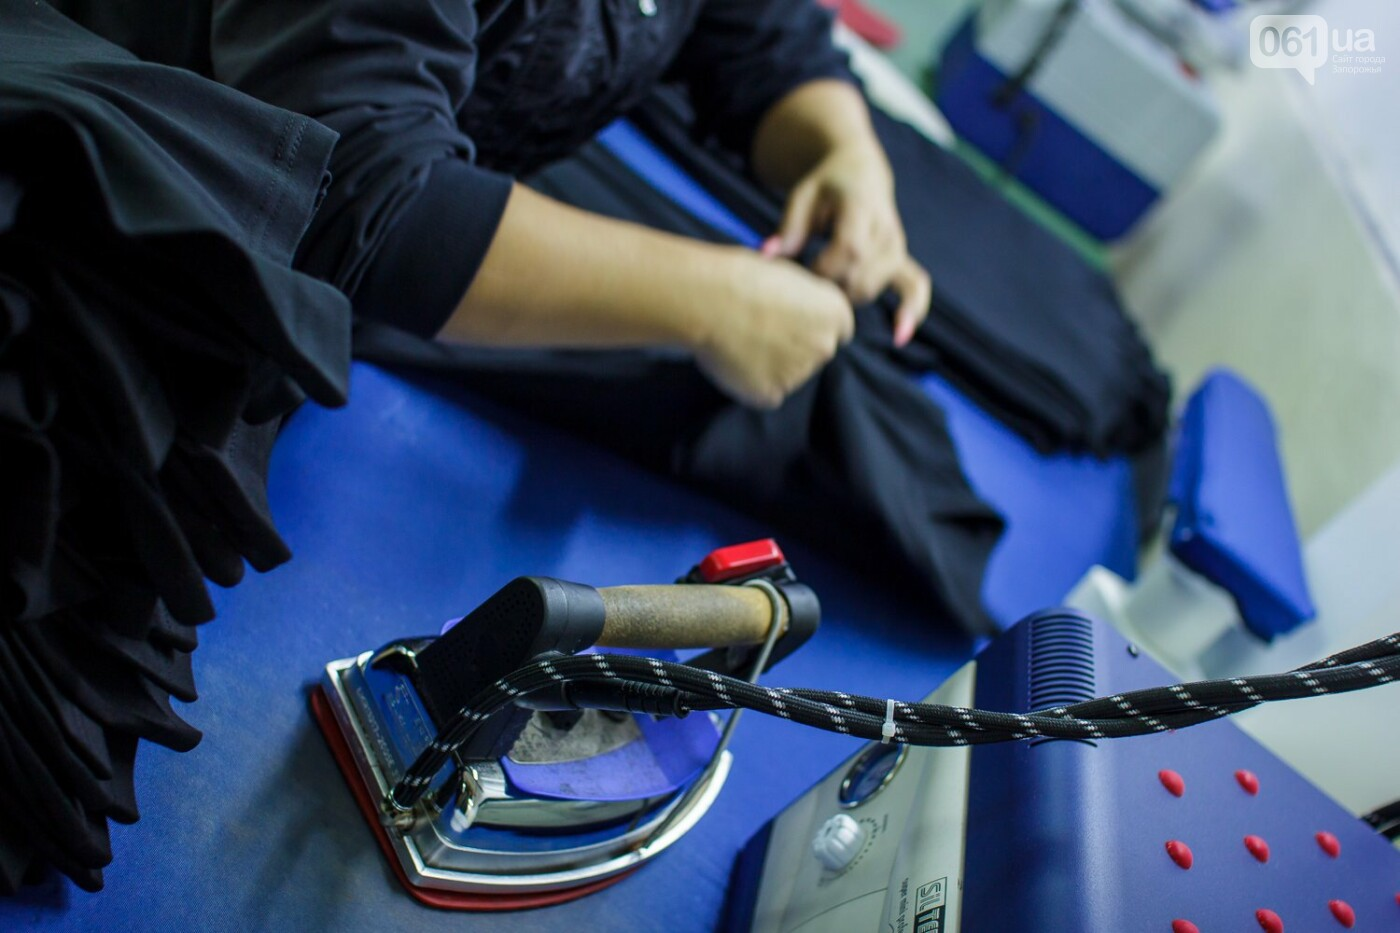 Как в Запорожье шьют мужское белье: экскурсия на трикотажную фабрику, – ФОТОРЕПОРТАЖ, фото-46